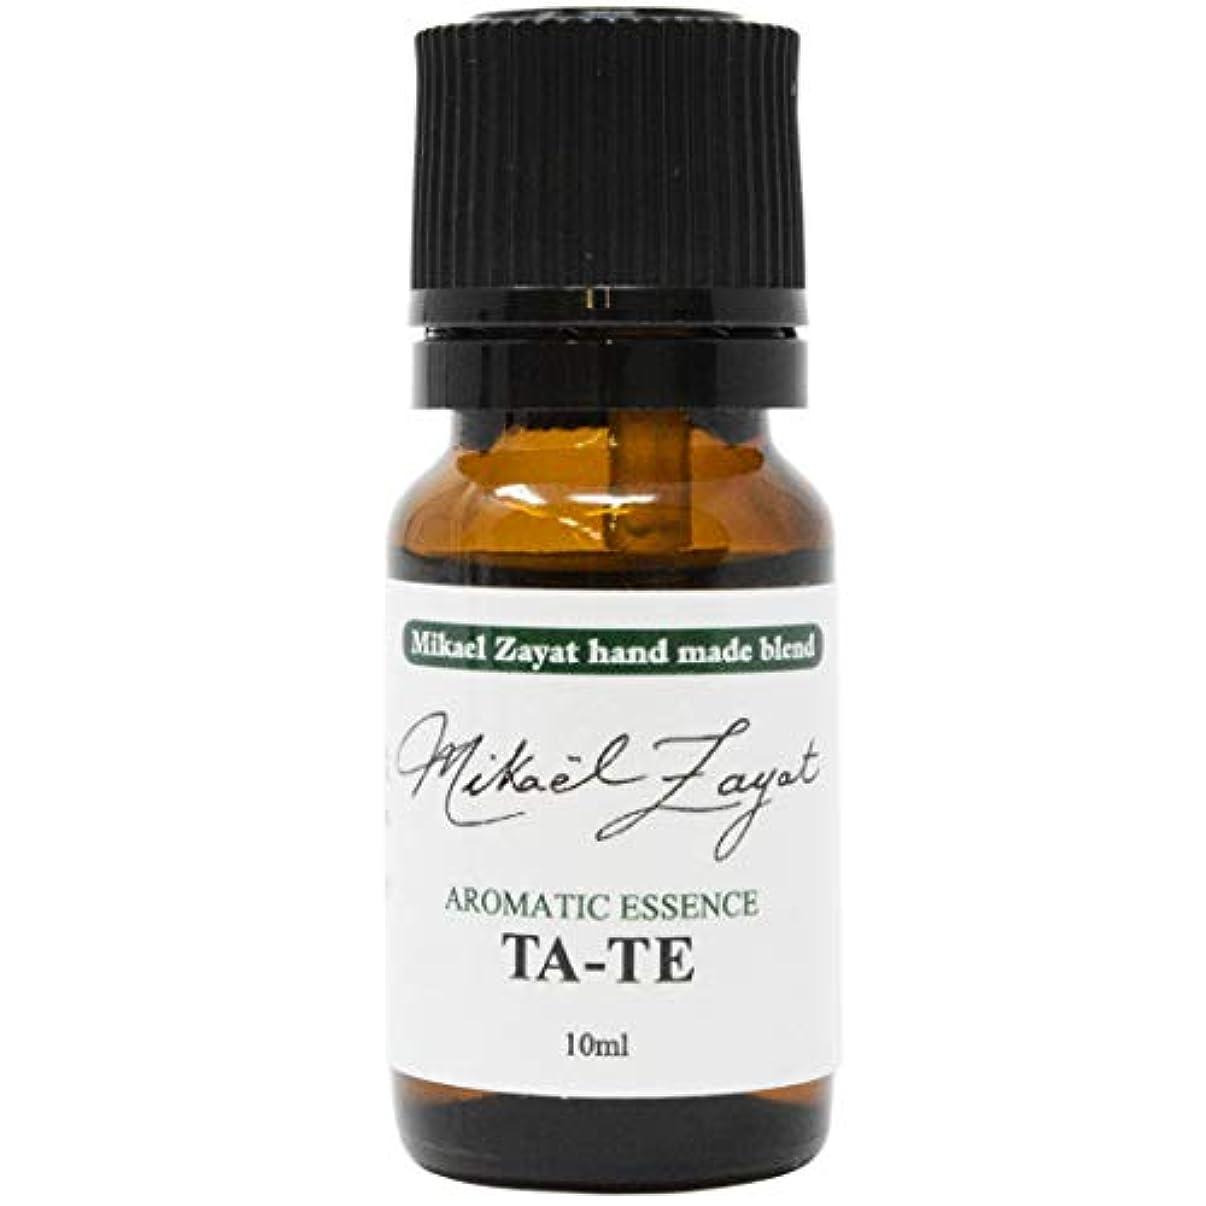 ミカエルザヤット 盾 TA-TE 10ml / Mikael Zayat hand made blend 日本国内正規品 (ミカエルザヤット エッセンシャルオイル)